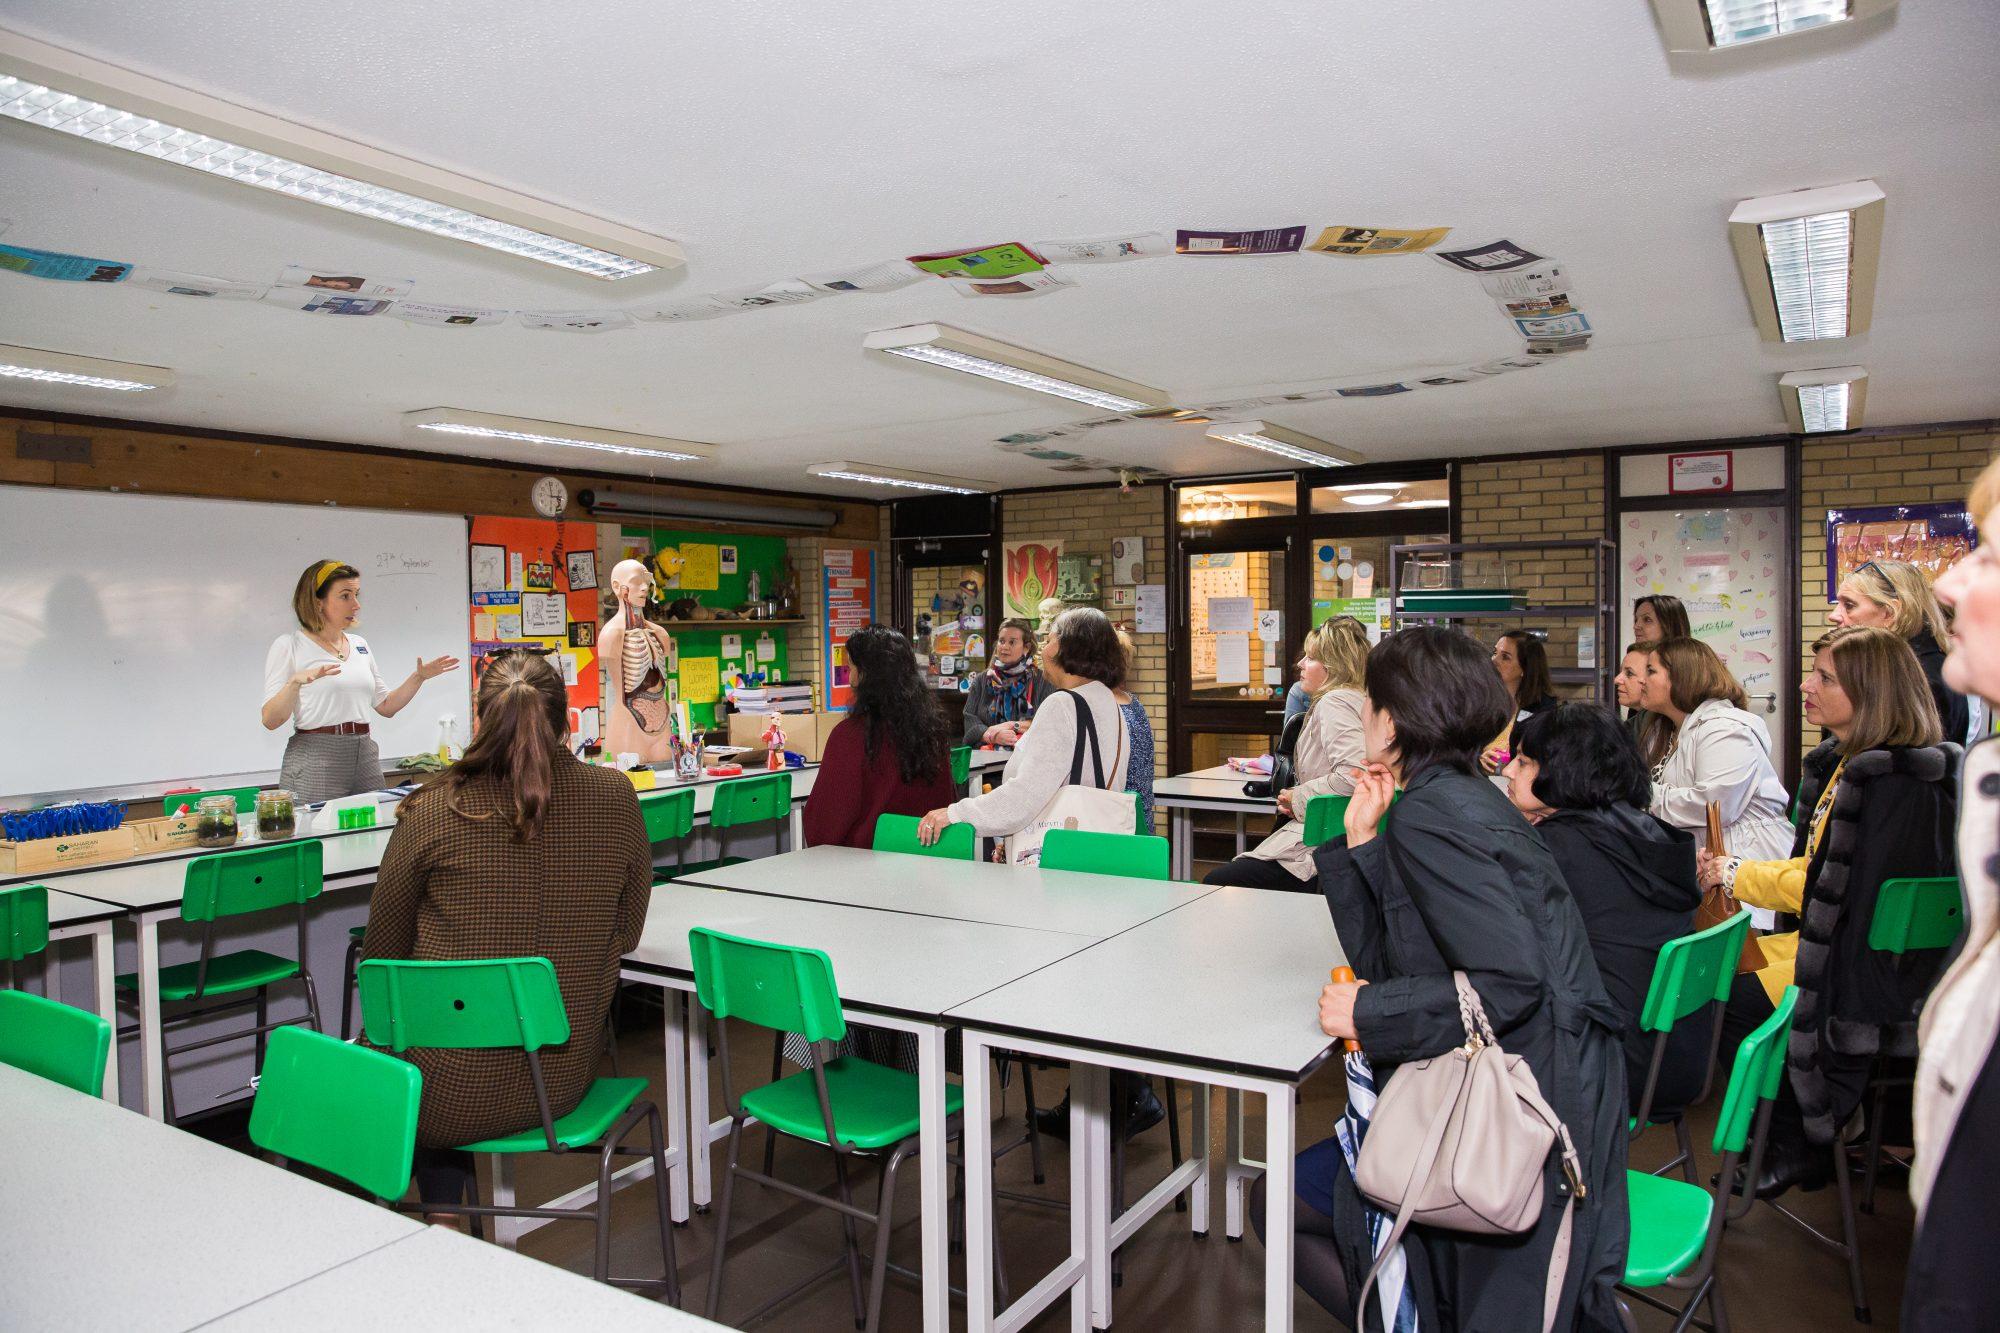 Alumnaereunion2019marymountlondonsiobhanhphotography 166 | Marymount International School London